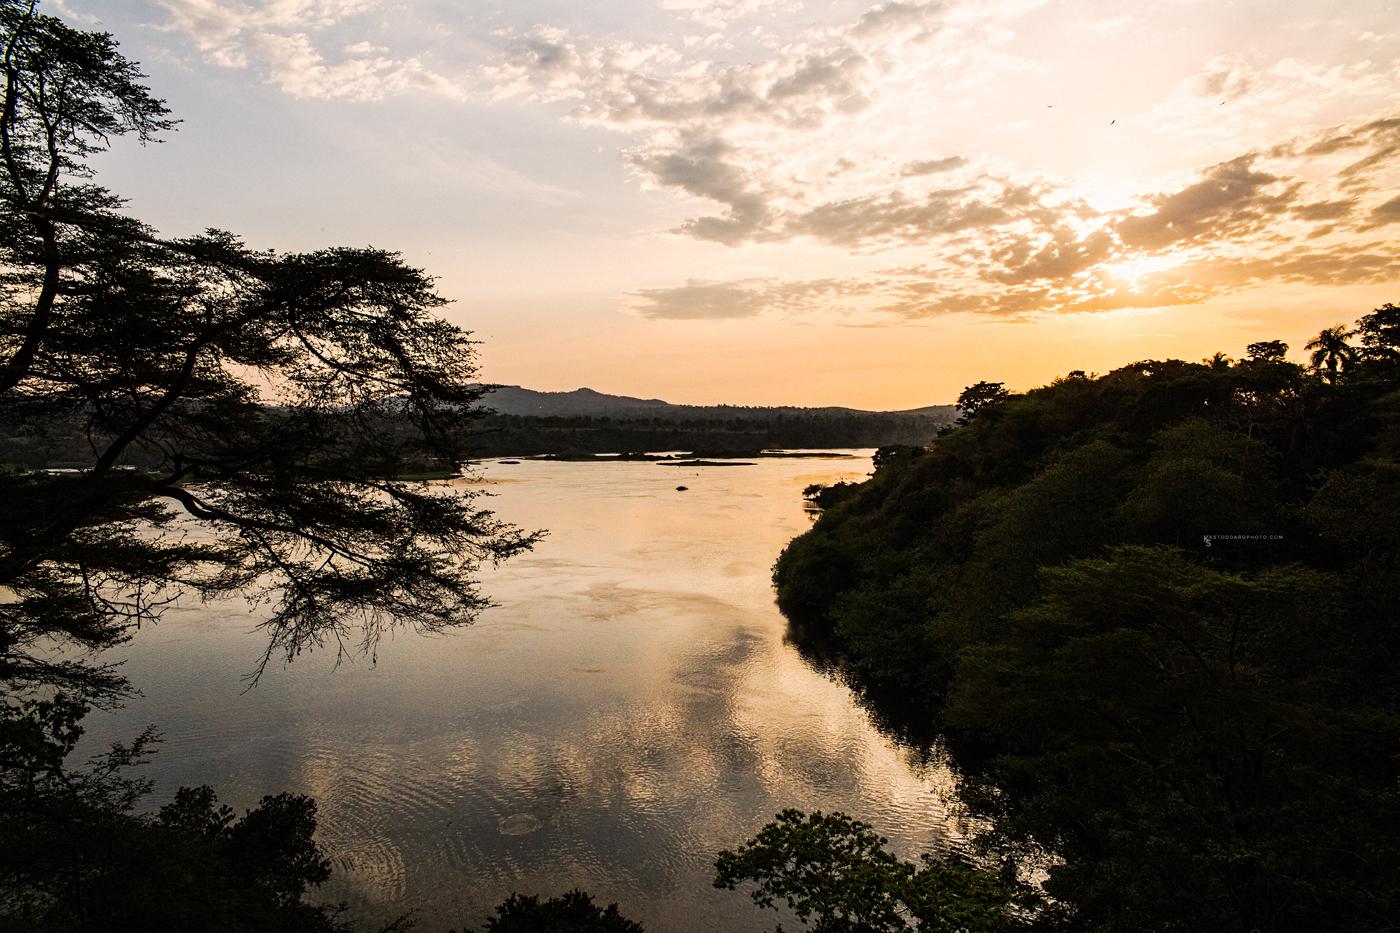 Nile River - K. Stoddard Photography - Uganda - Landscape.jpg